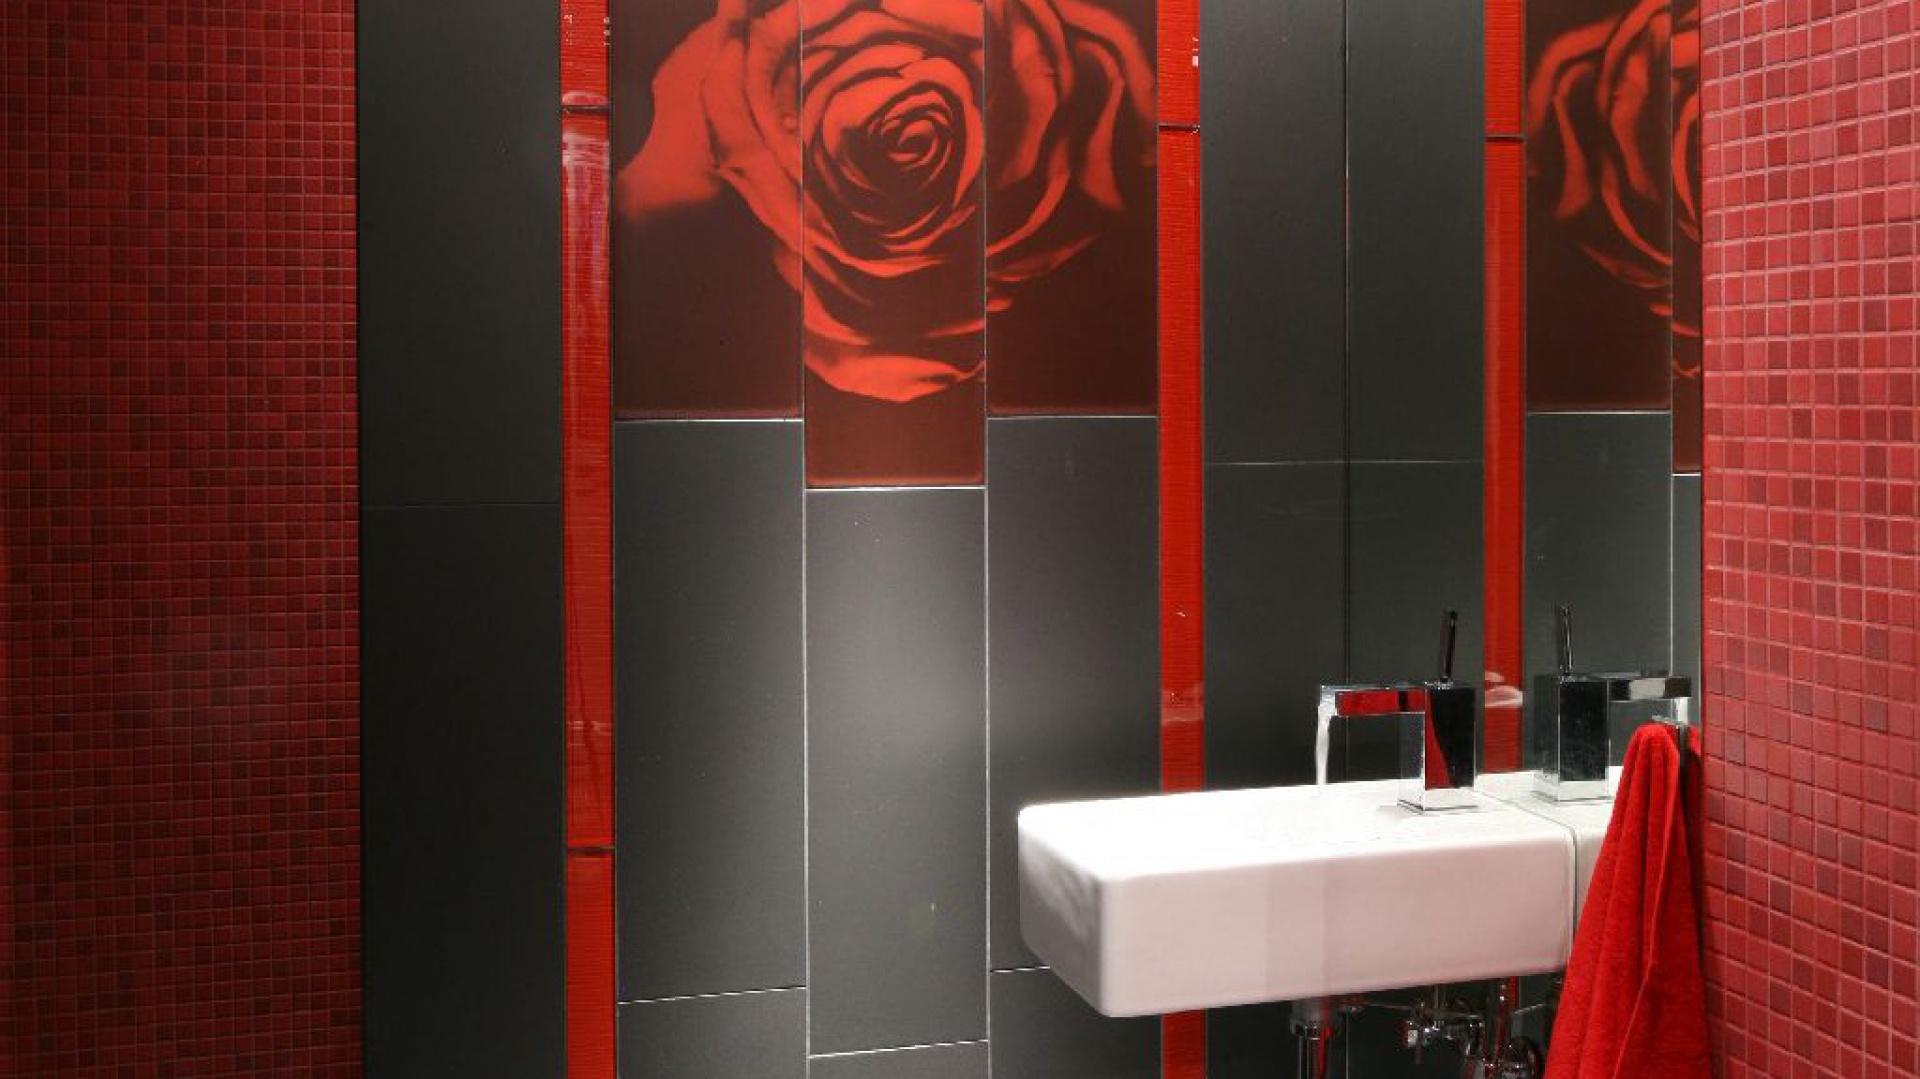 Róża - główny motyw w niewielkiej łazience. Fot. Bartosz Jarosz.